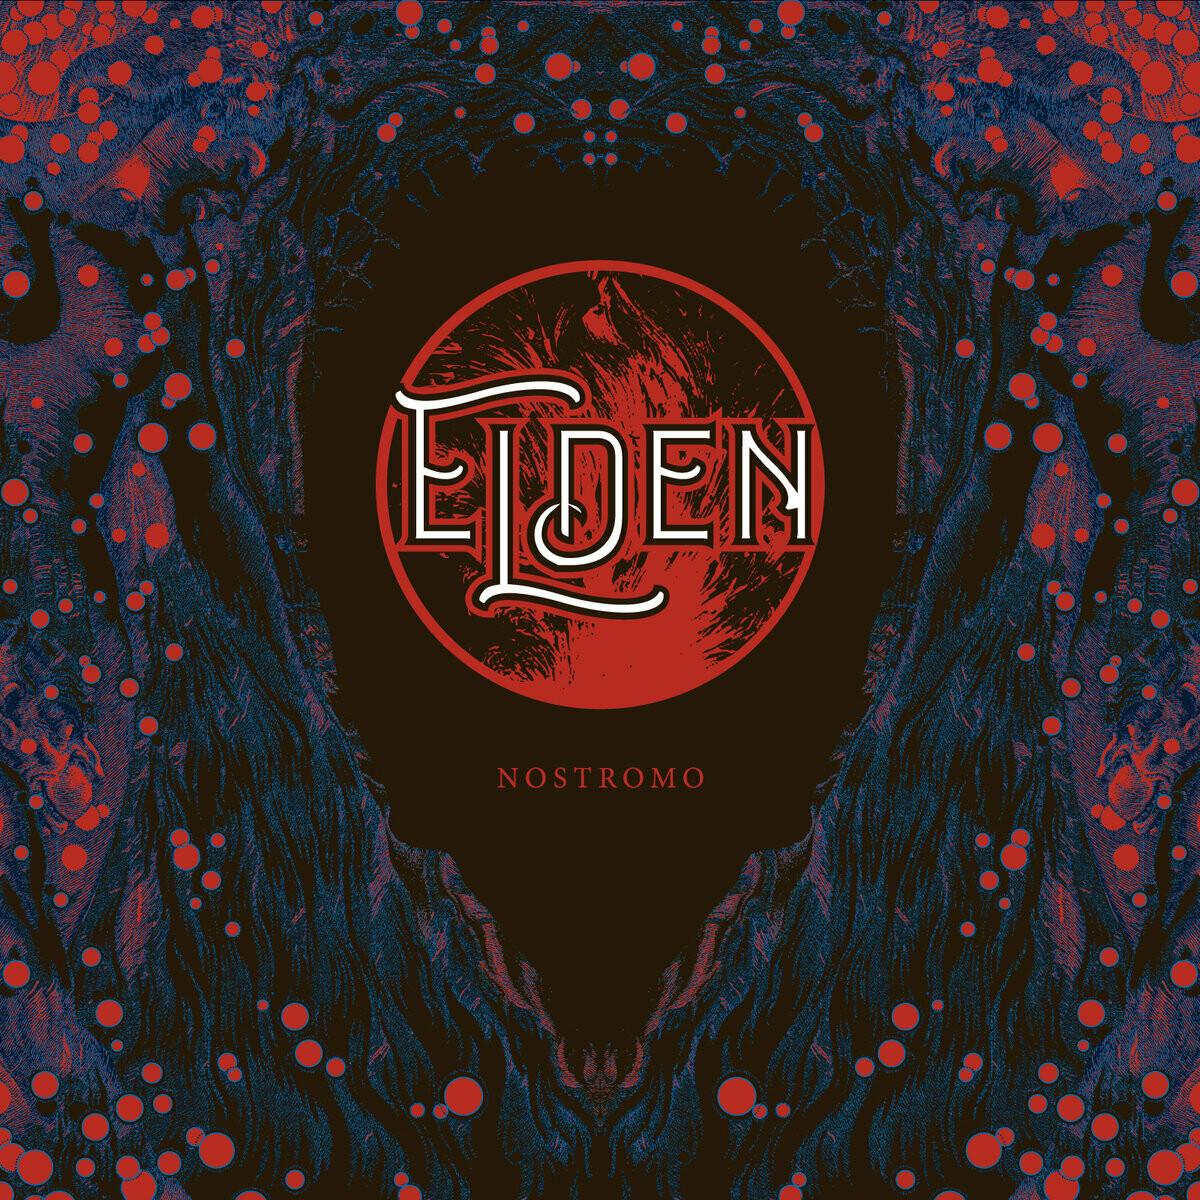 Elden - Nostromo - LP (rojo)